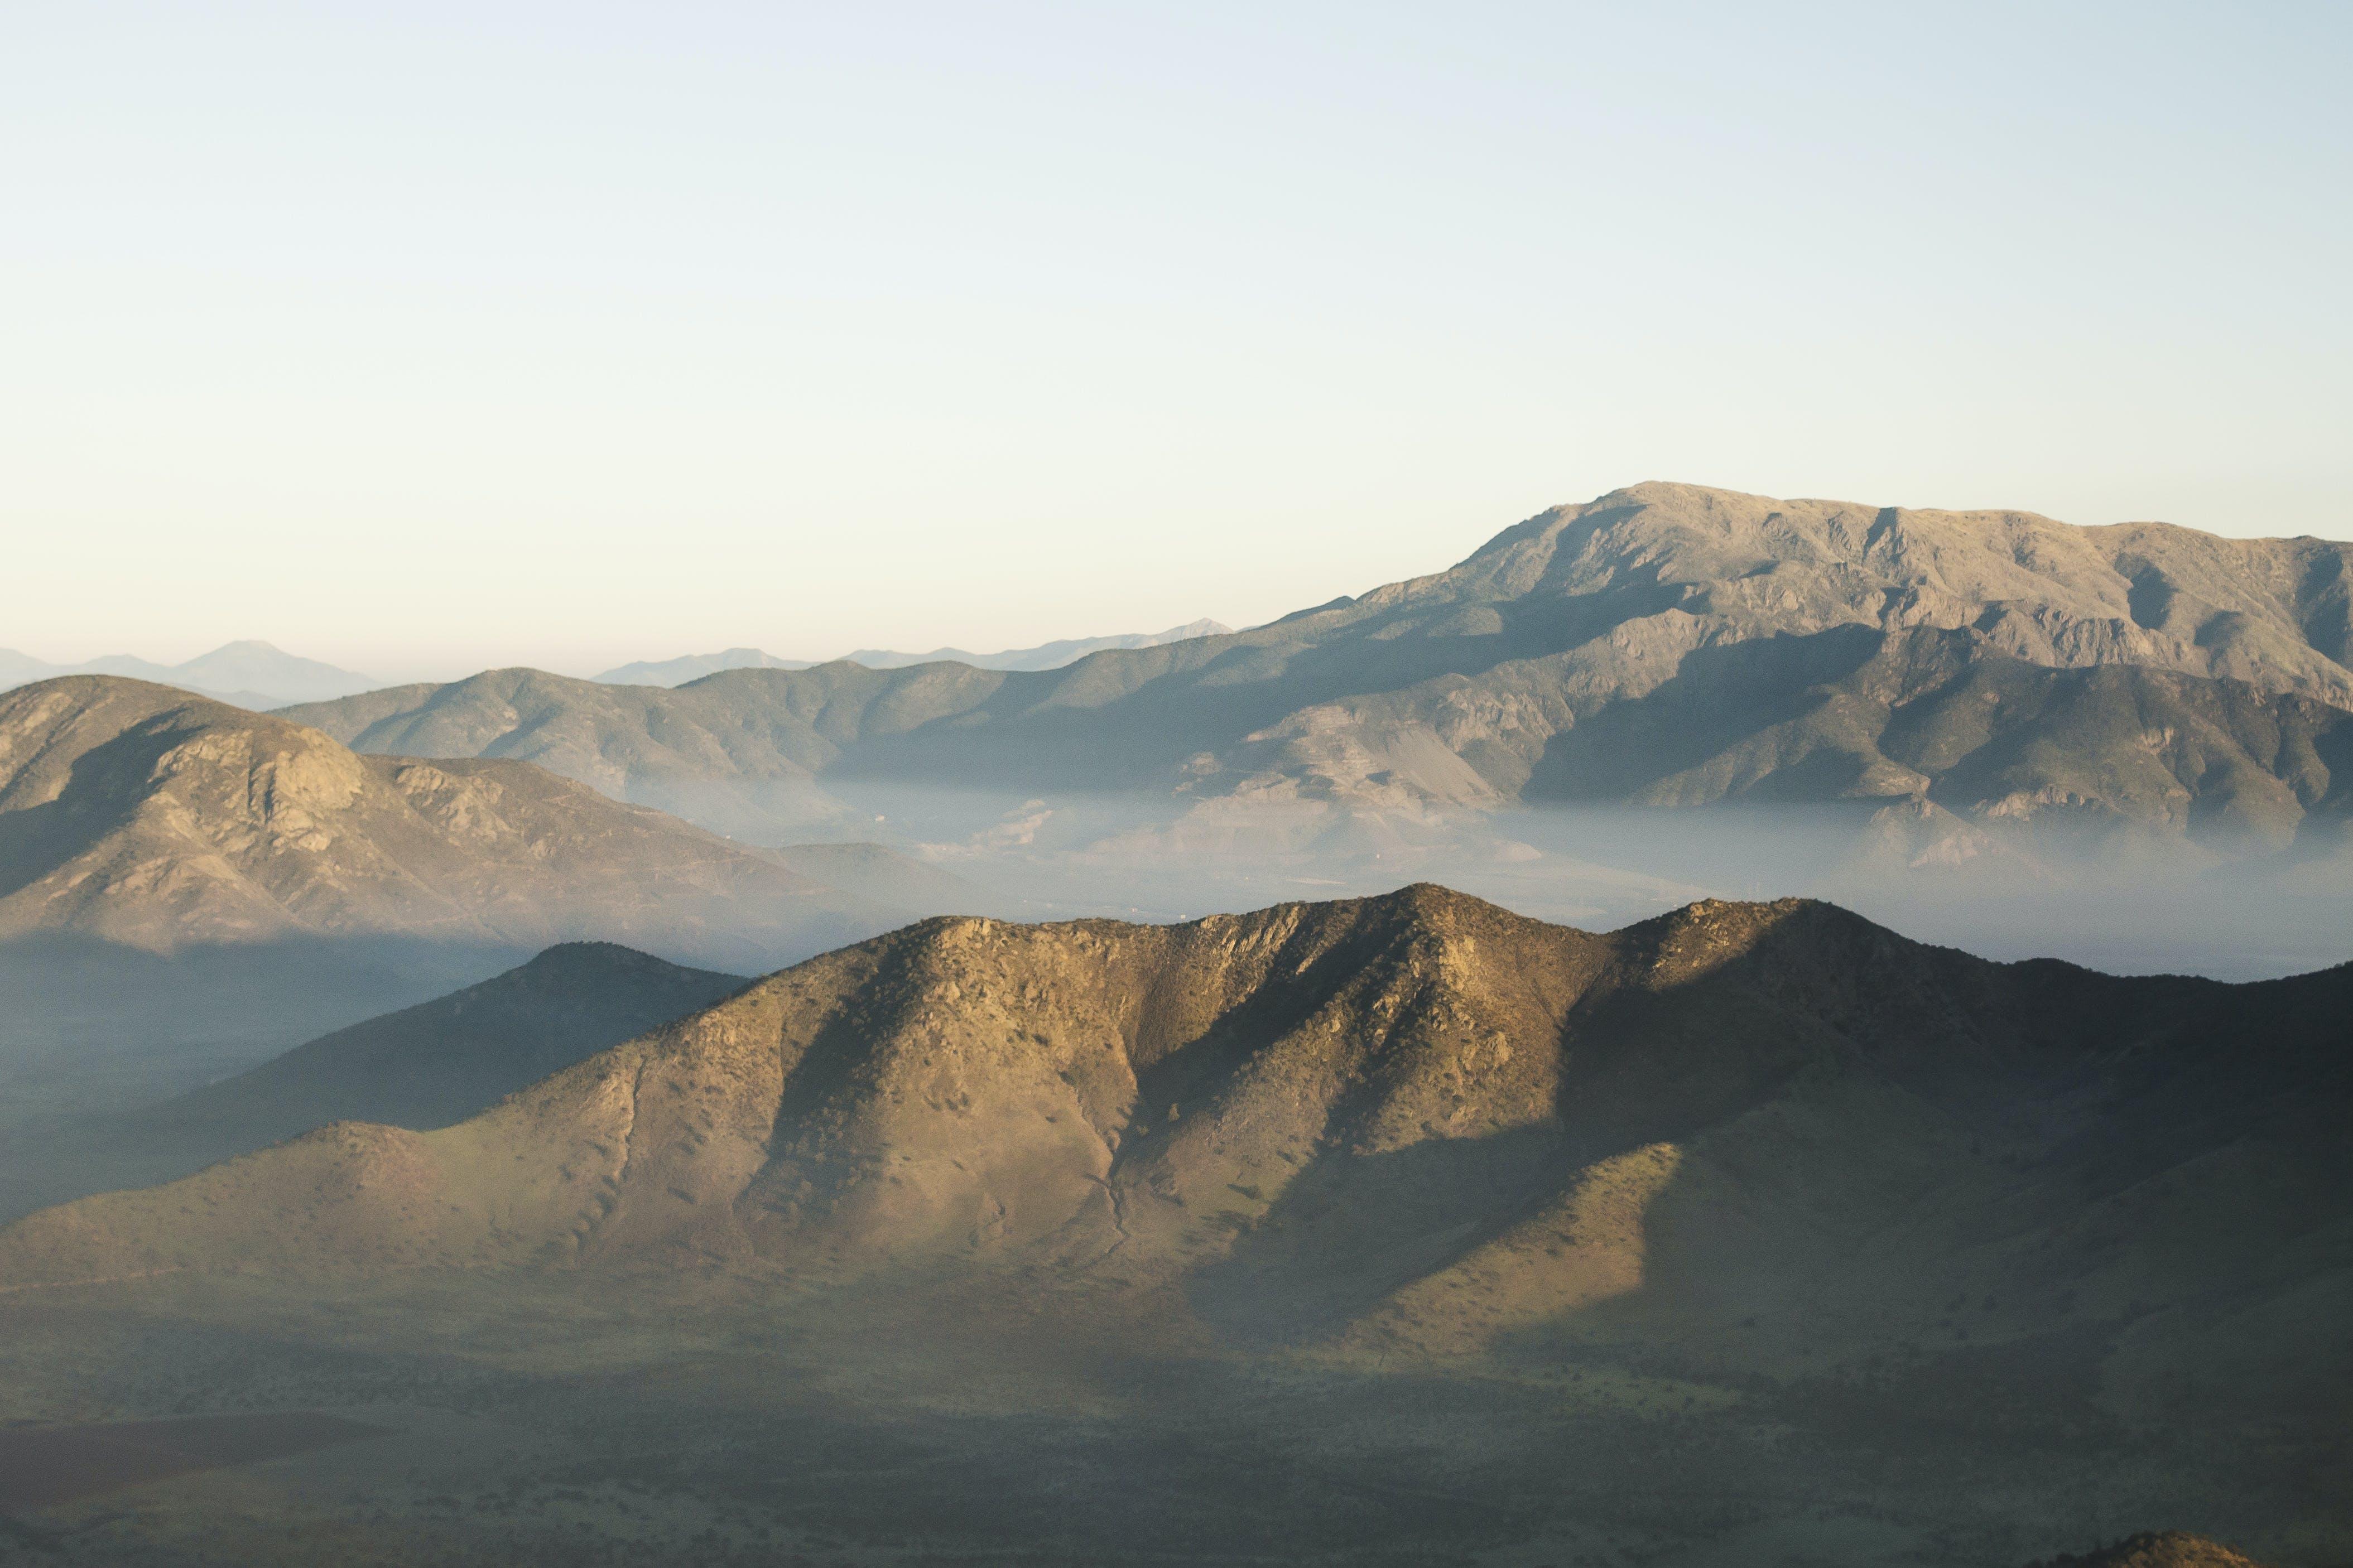 天性, 天空, 山, 山谷 的 免費圖庫相片